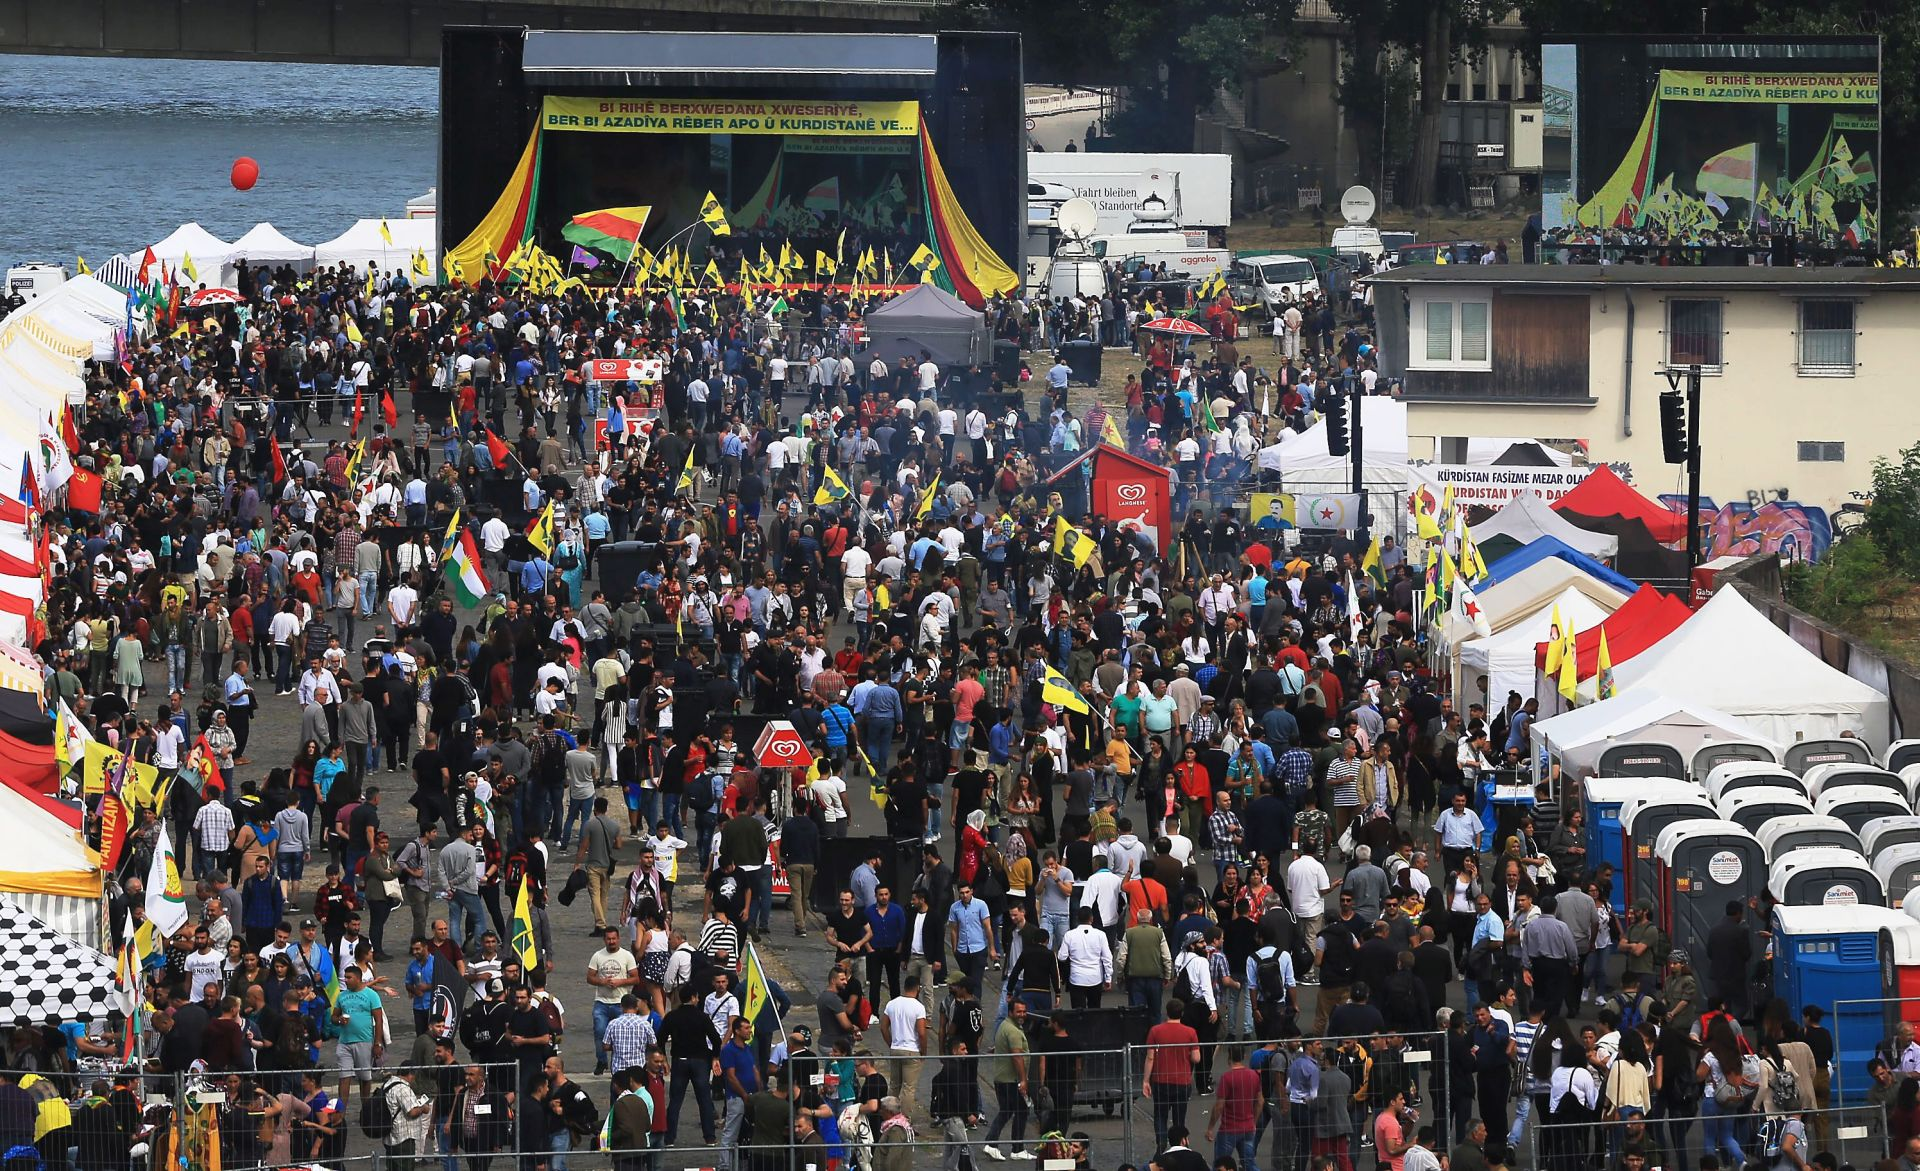 PROTIV ERDOGANA: U Koelnu prosvjeduju desetci tisuća Kurda